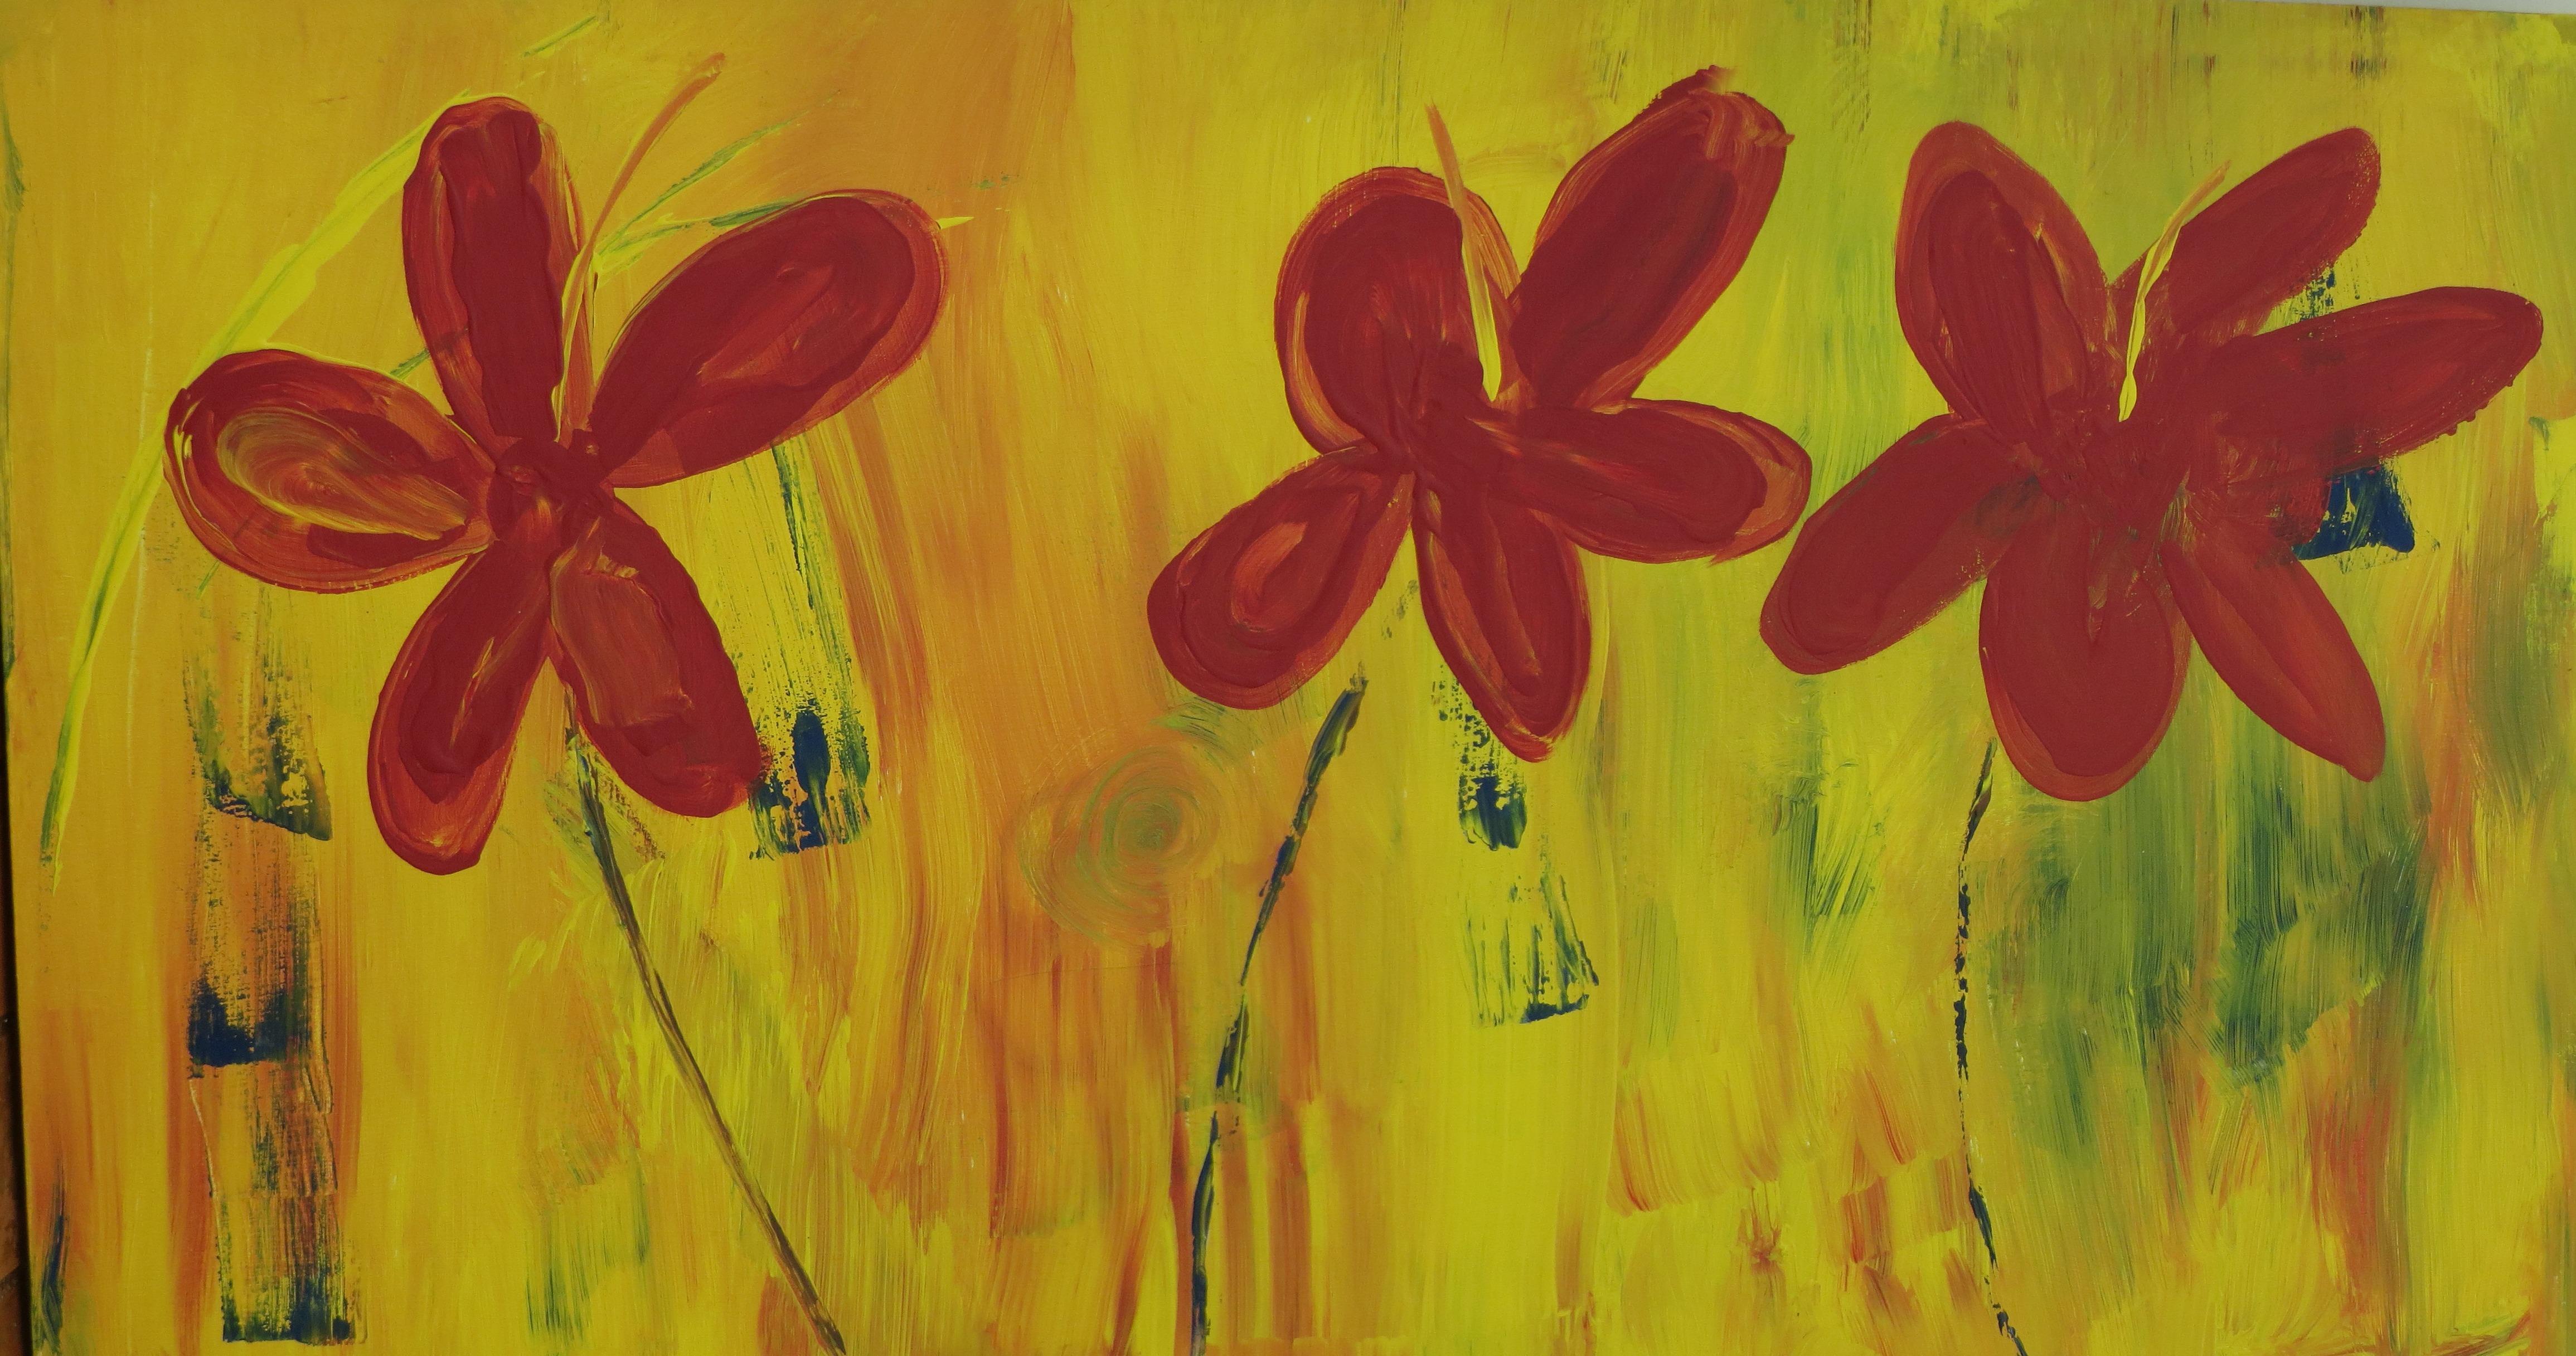 Free Images : blossom, leaf, flower, petal, bloom, floral ...